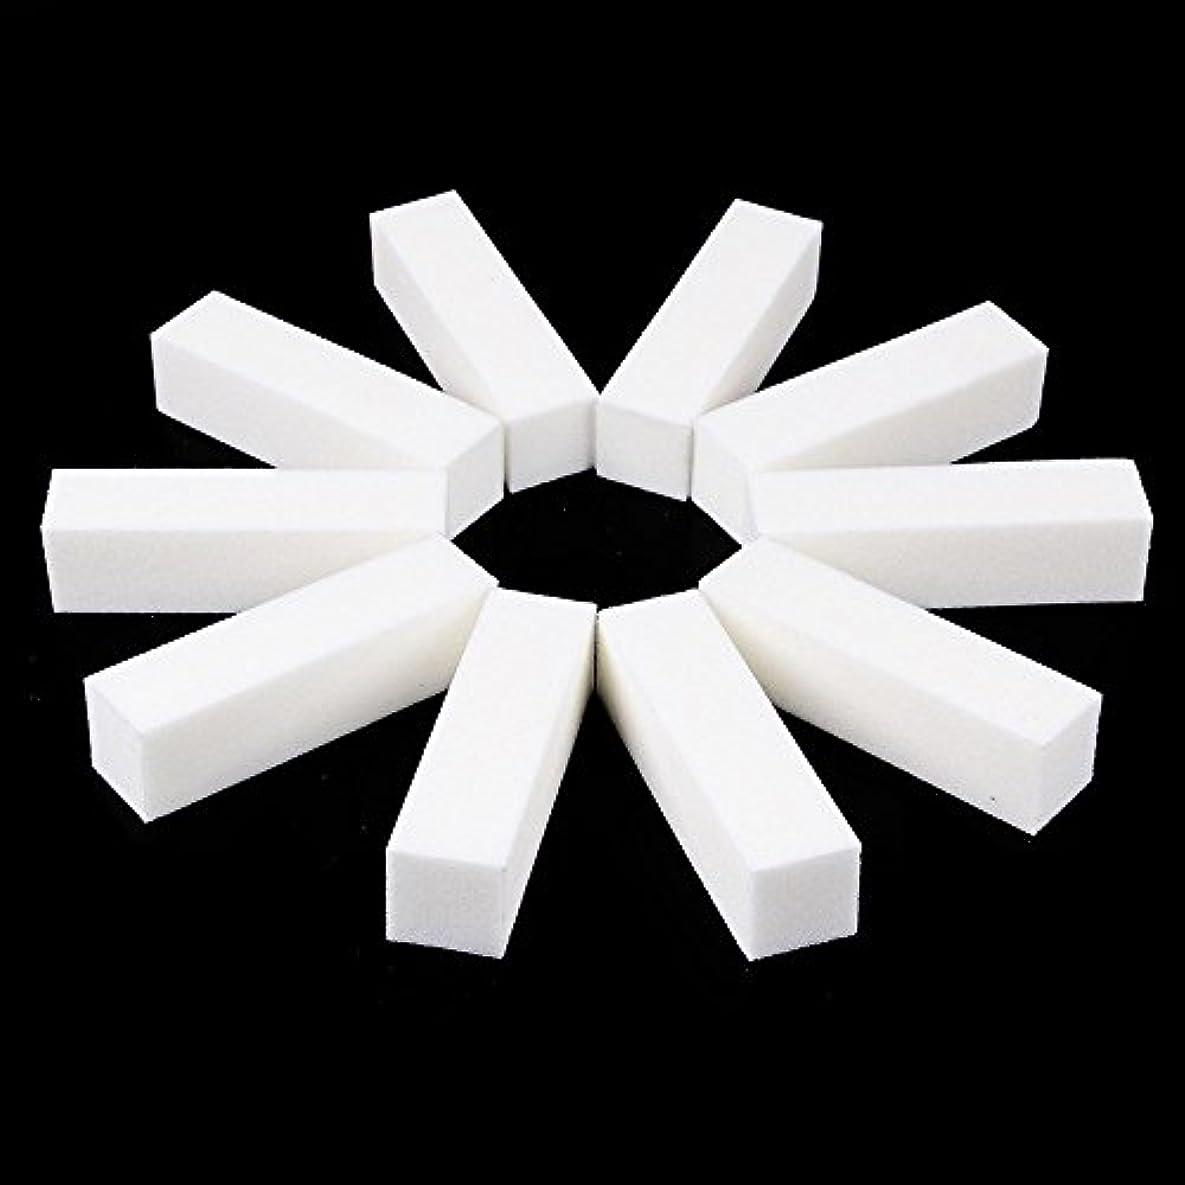 スモッグ発明金属ネイルファイル サンディングブロック マニキュアツール バッファ ホワイト 4ウェイ 12個セット